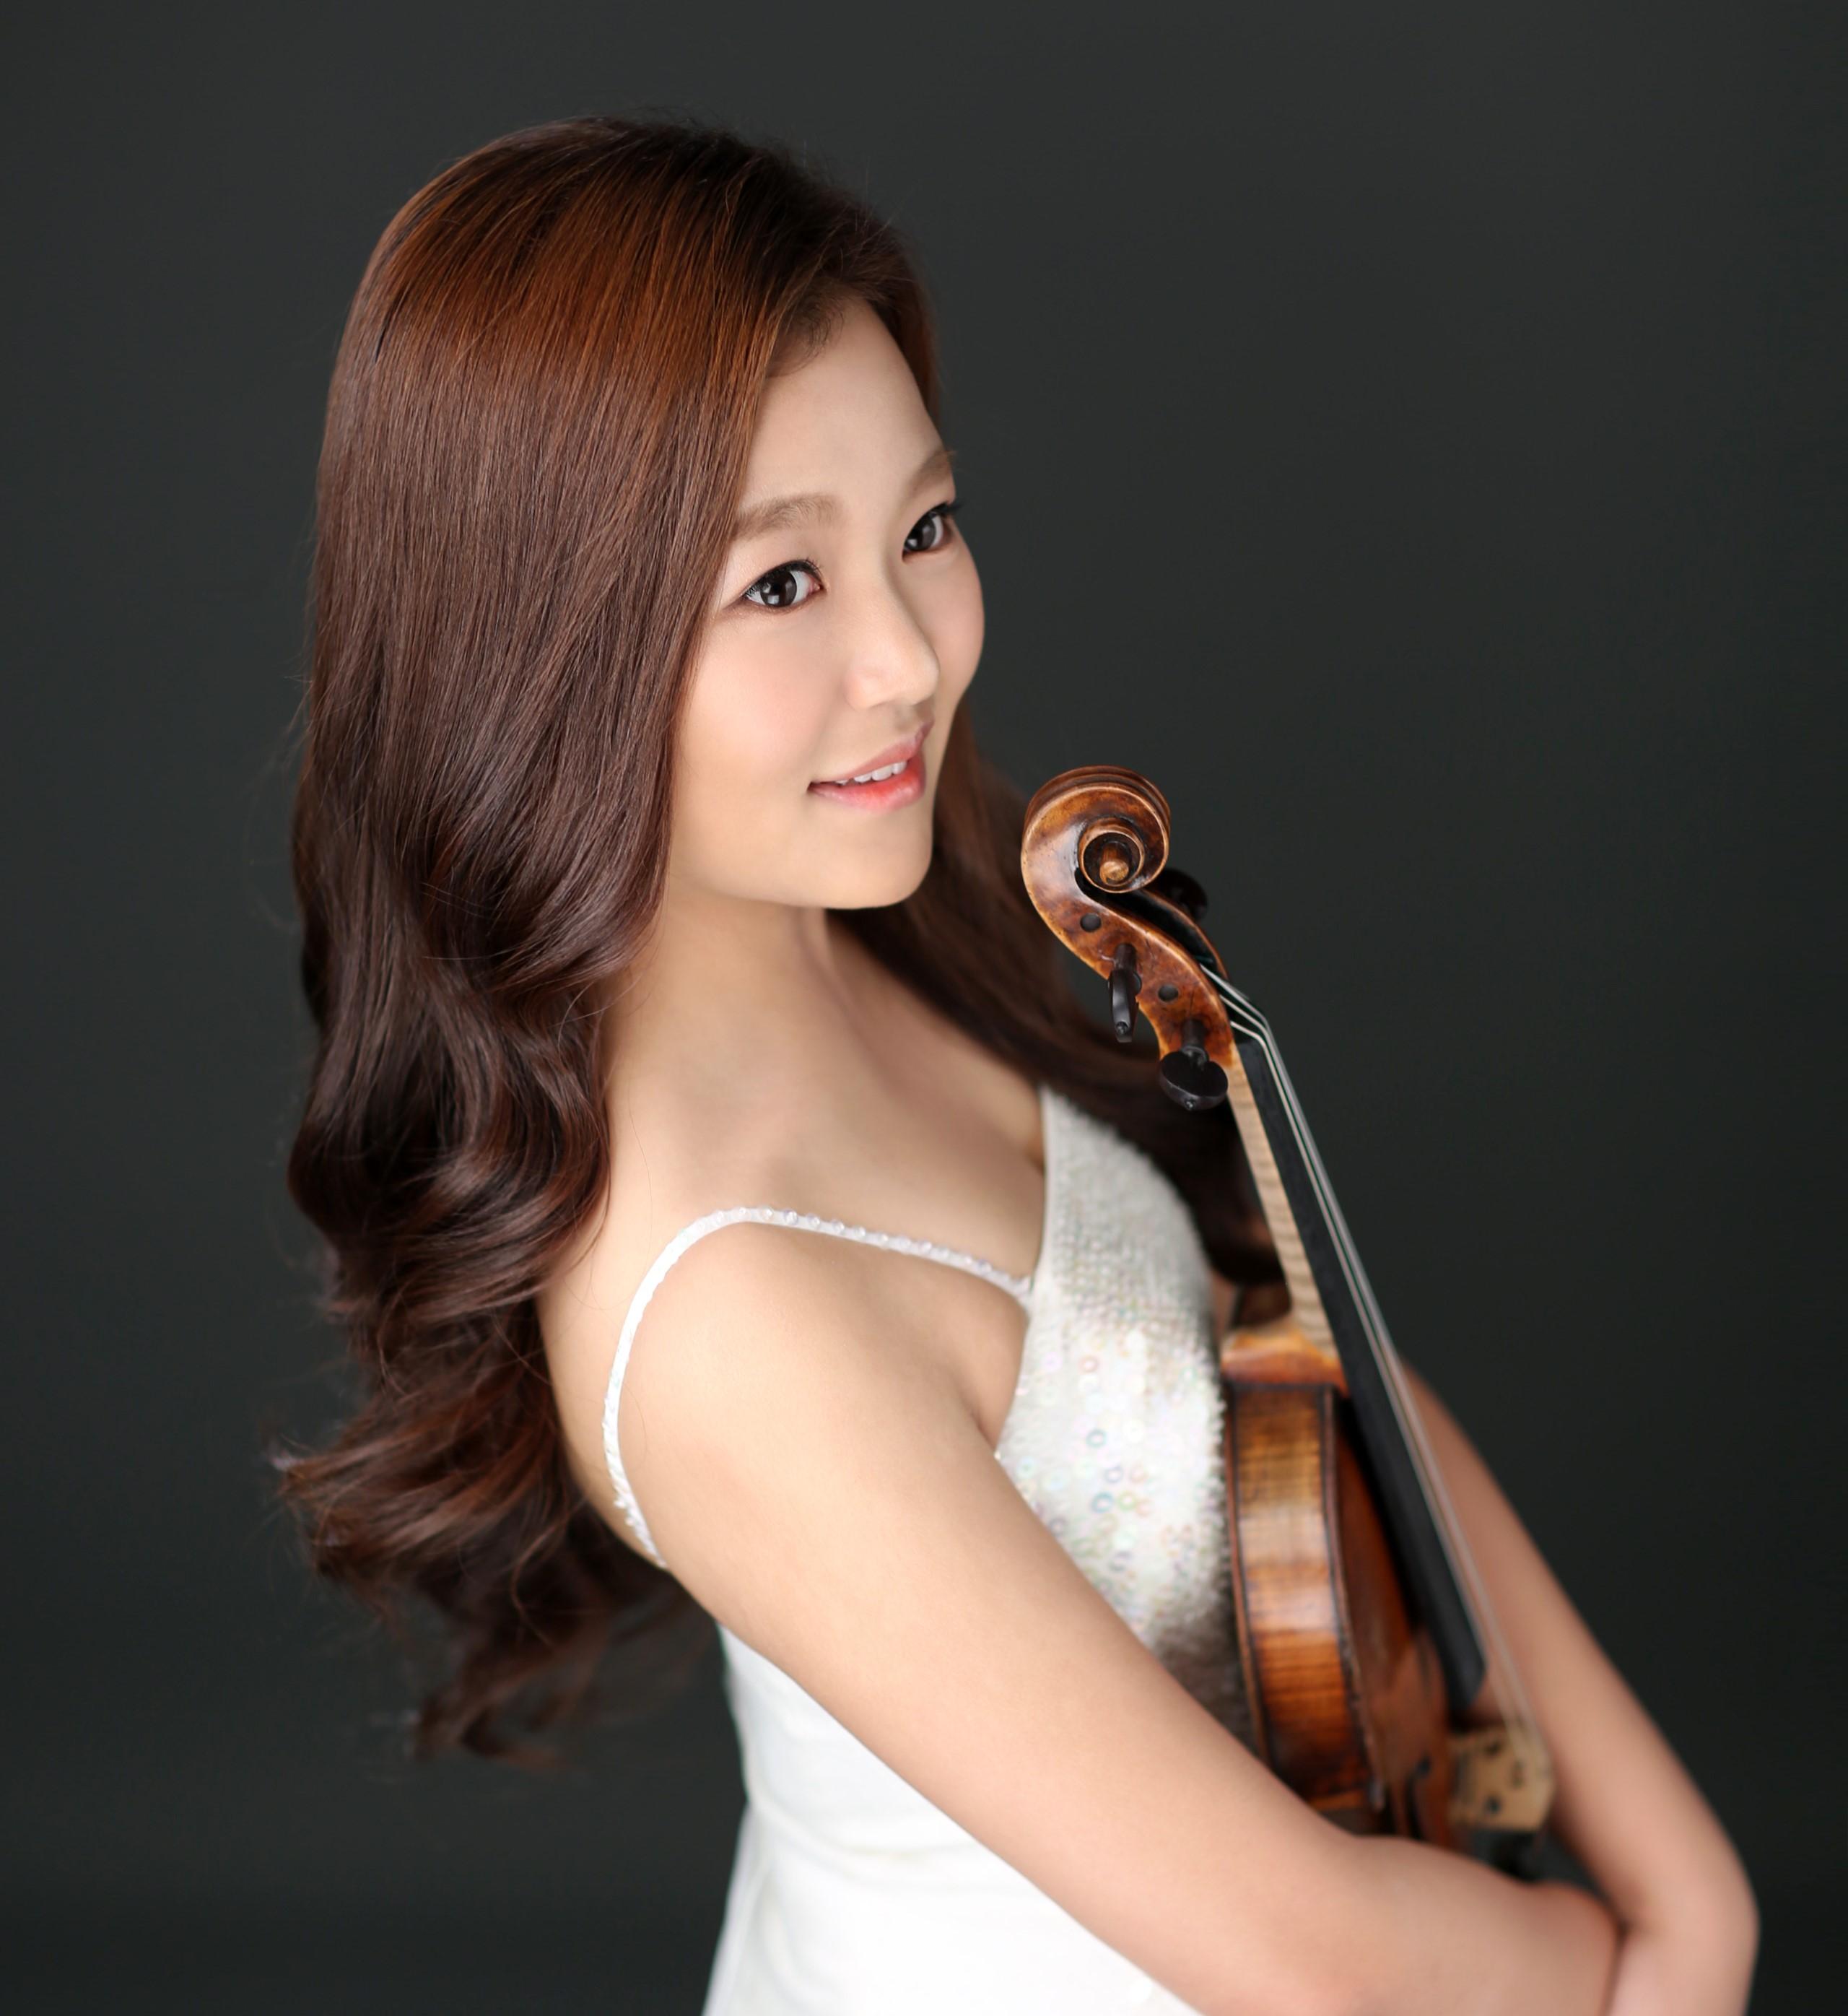 Nan Joo Lee